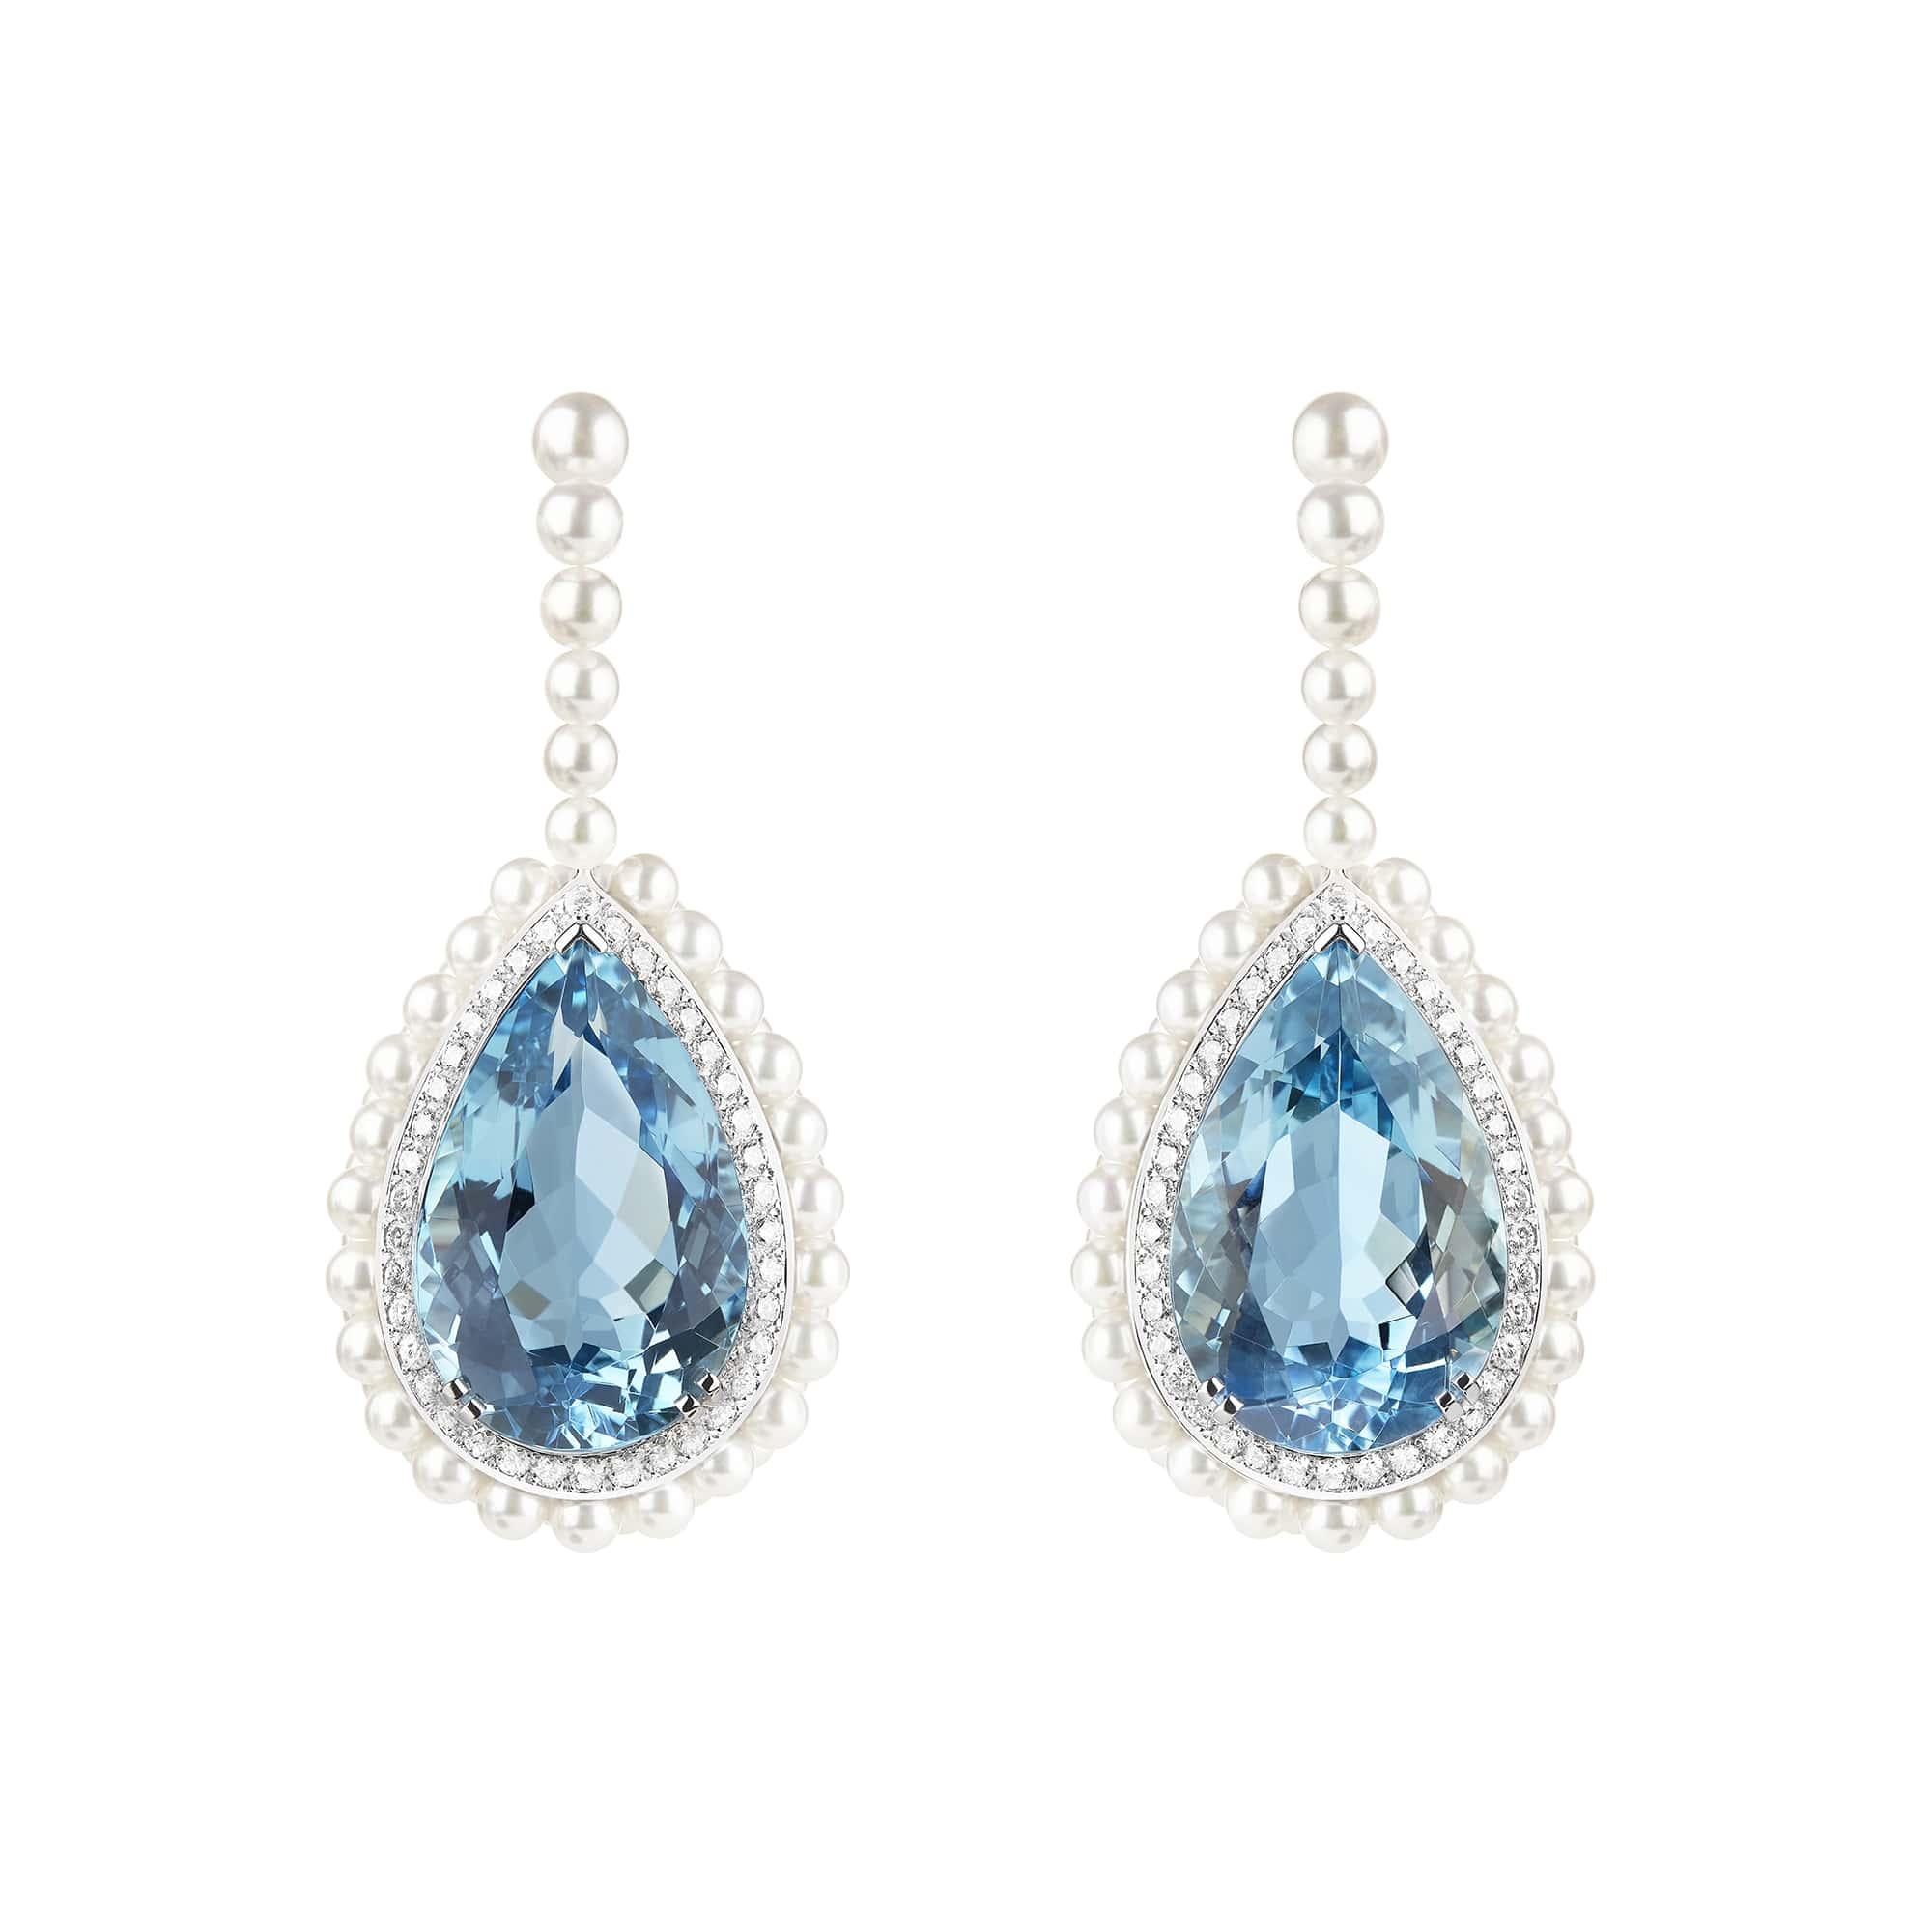 Boucheron-Baïkal-earrings